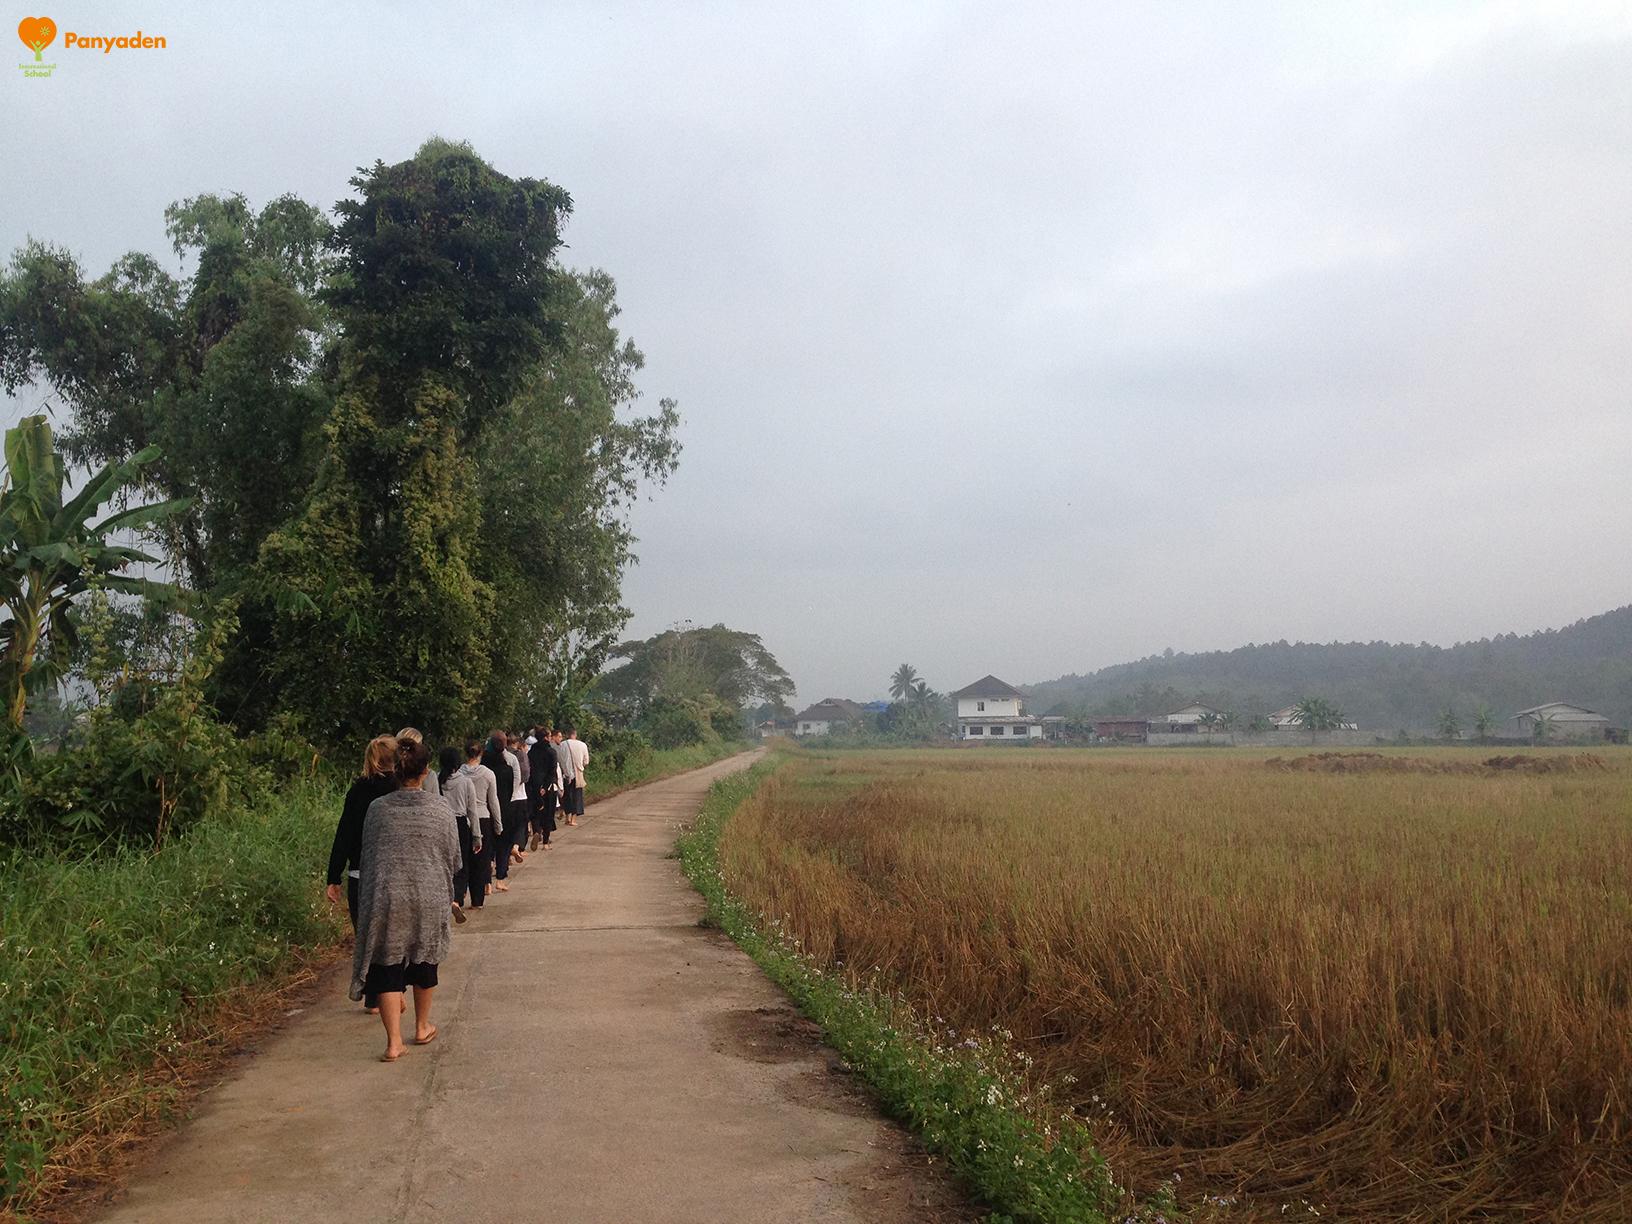 Panyaden teacher meditation retreat 2017 - walking meditation and morning alms